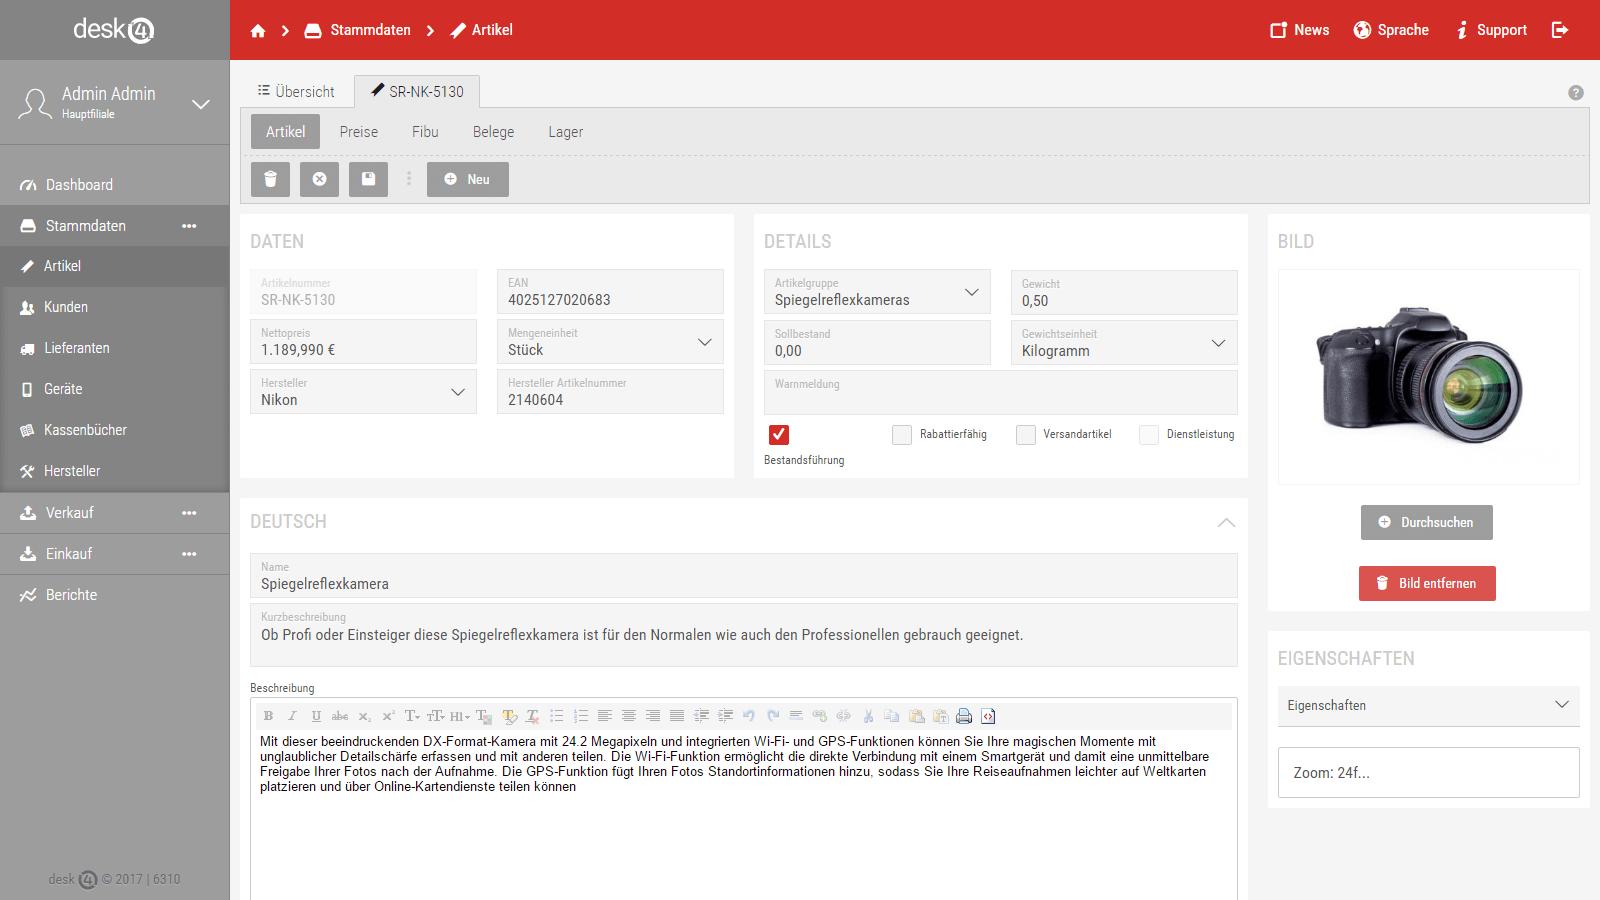 desk4 Onlinewarenwirtschaft von Dupp GmbH